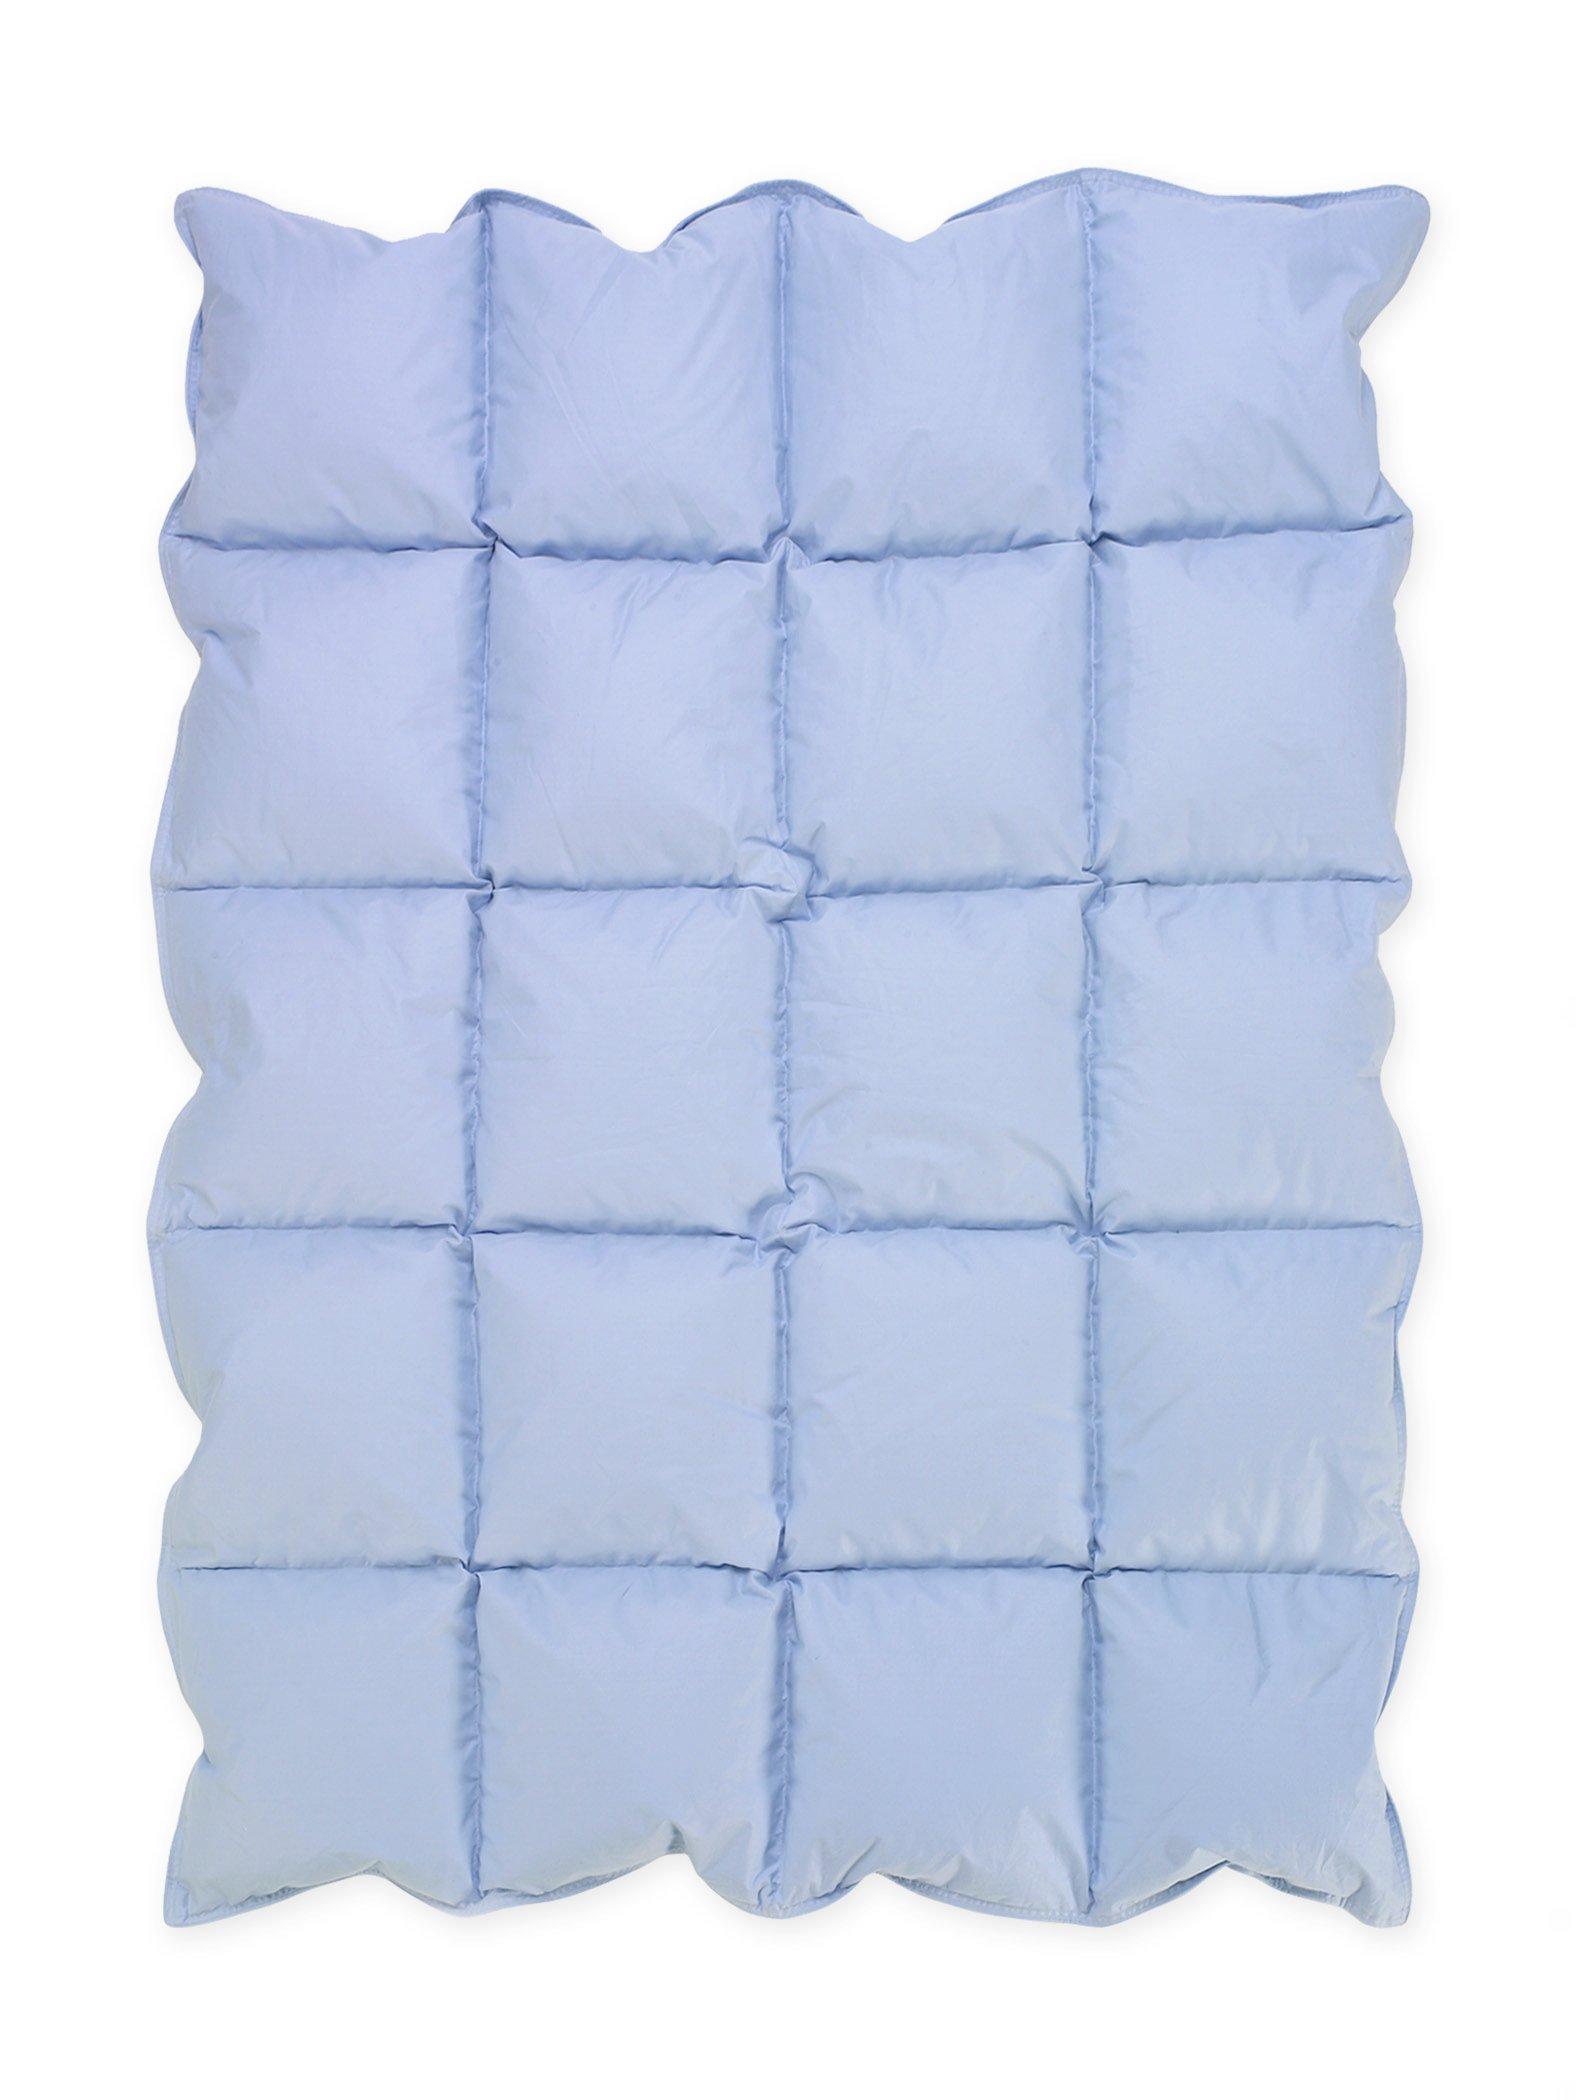 Sweet Jojo Designs Baby Blue Down Alternative Comforter/Blanket for Crib Bedding